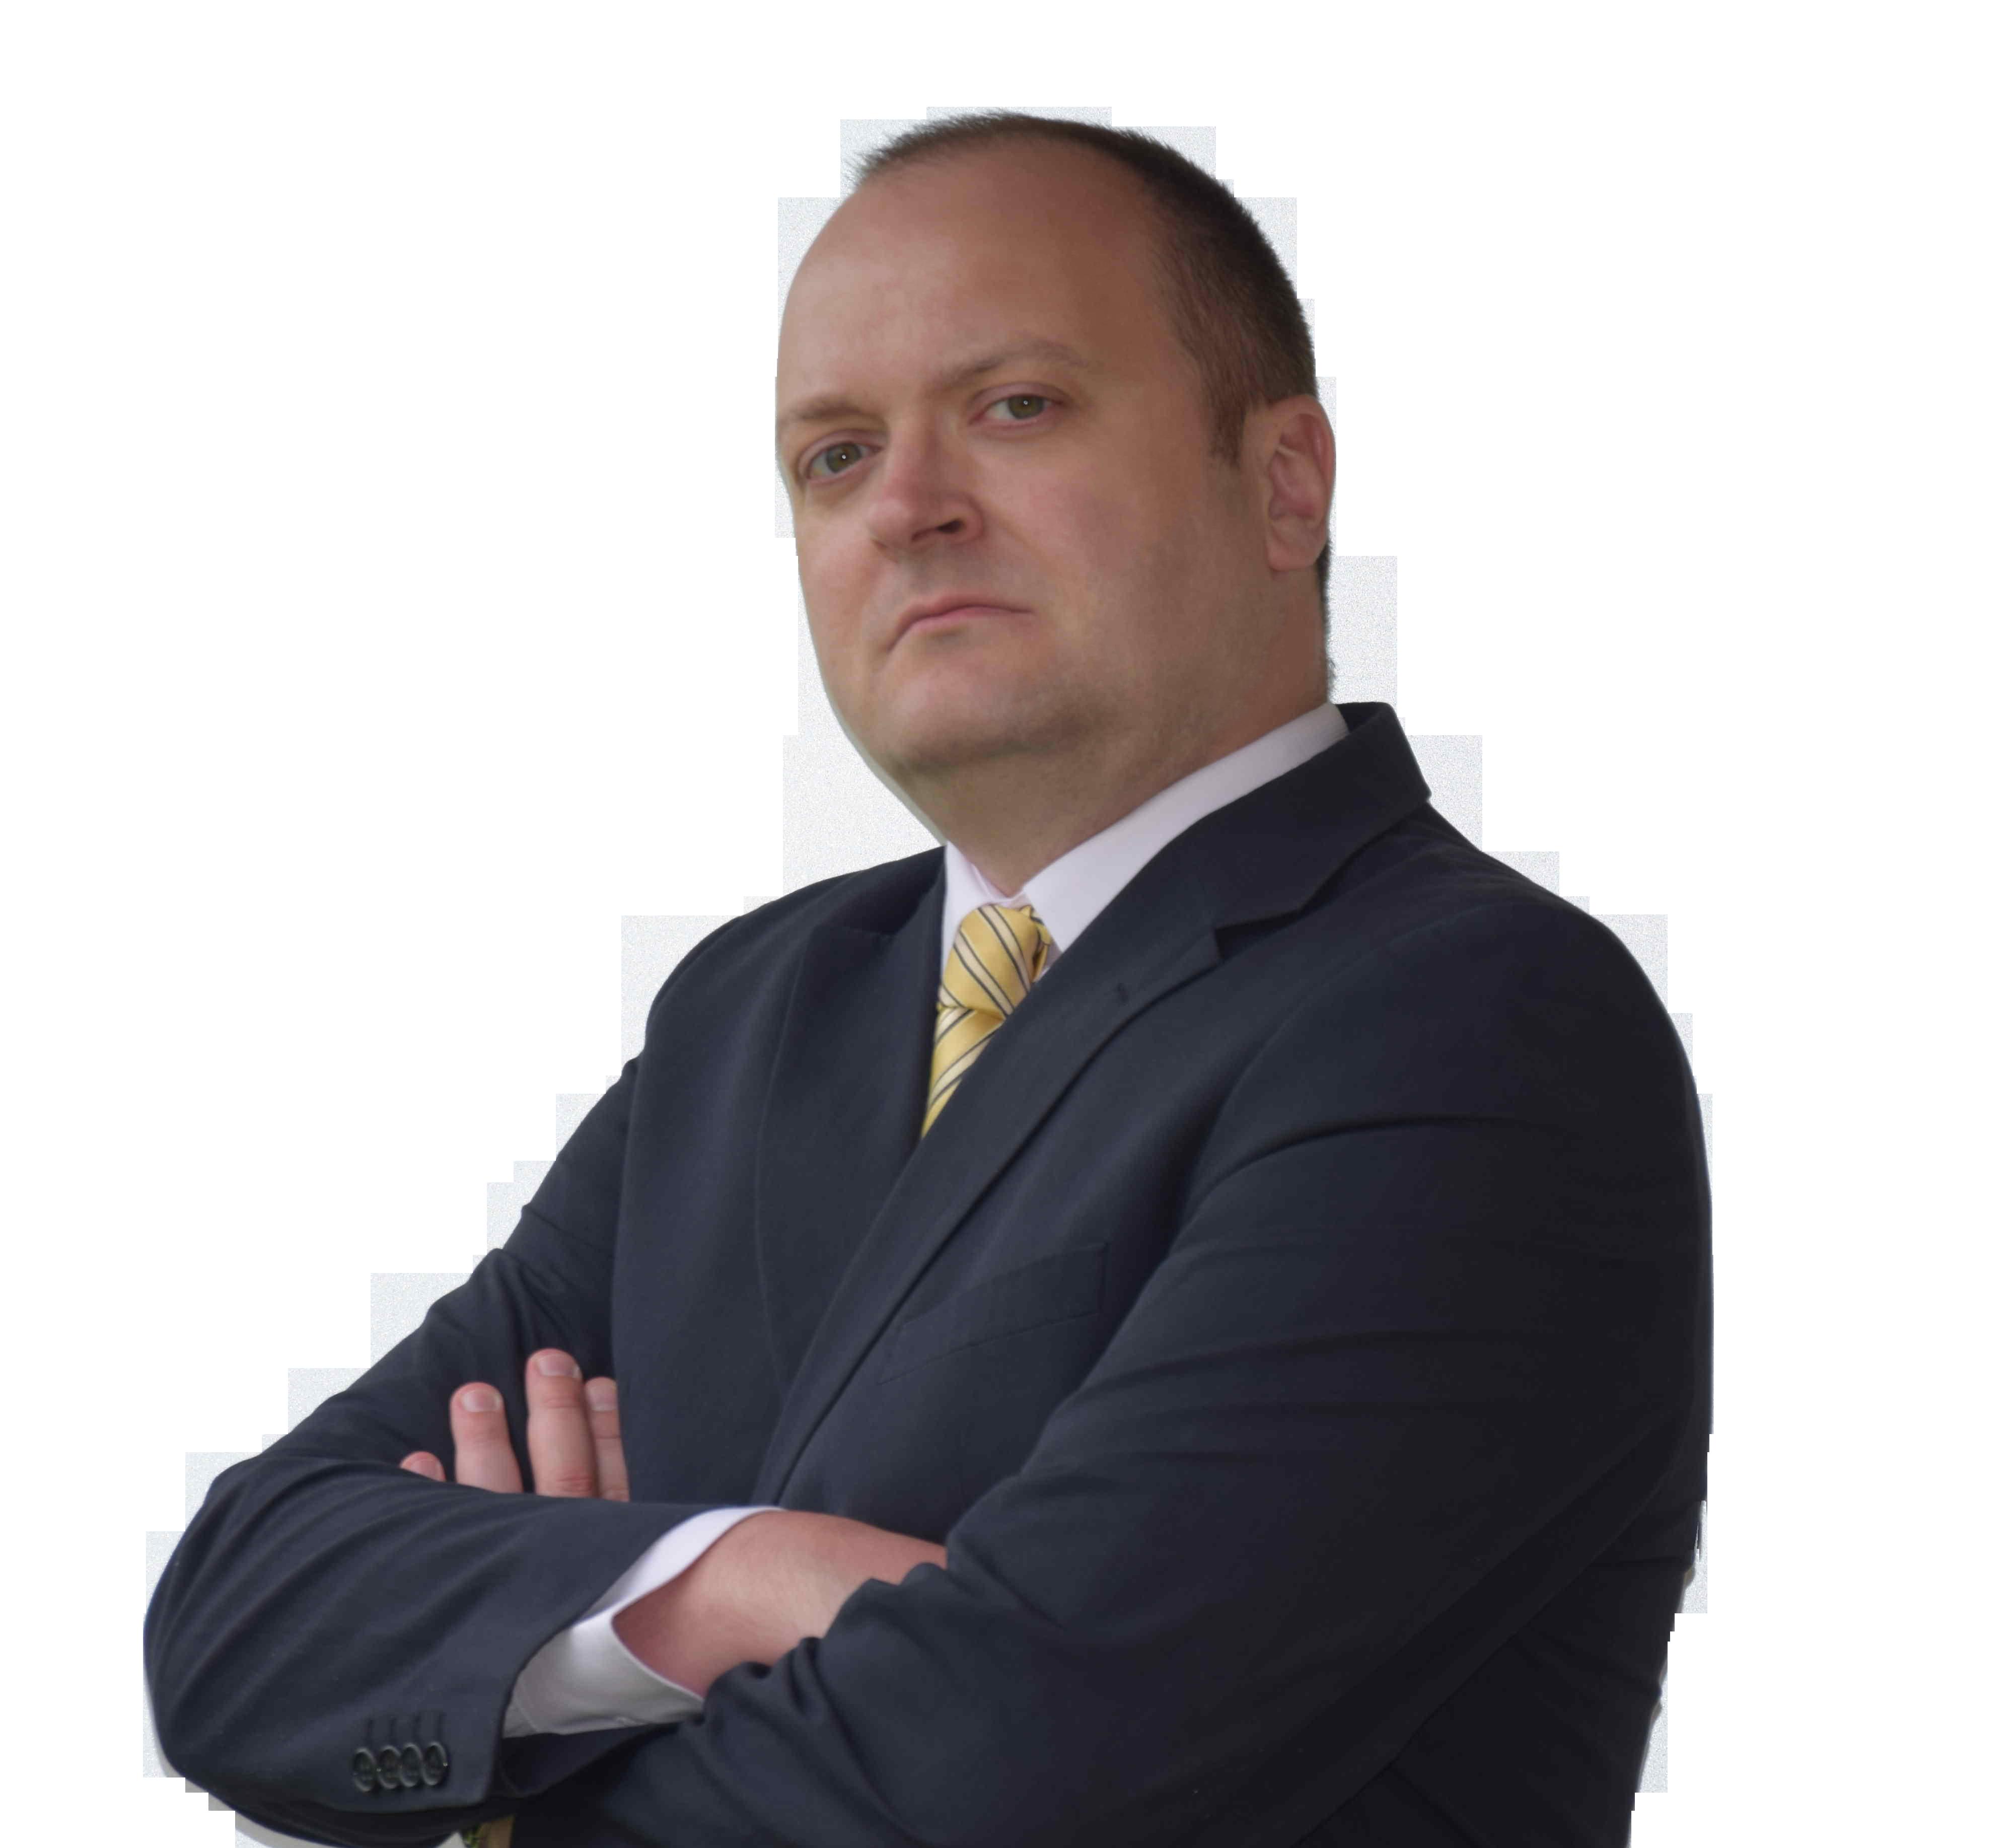 Dirk Steffes-tun